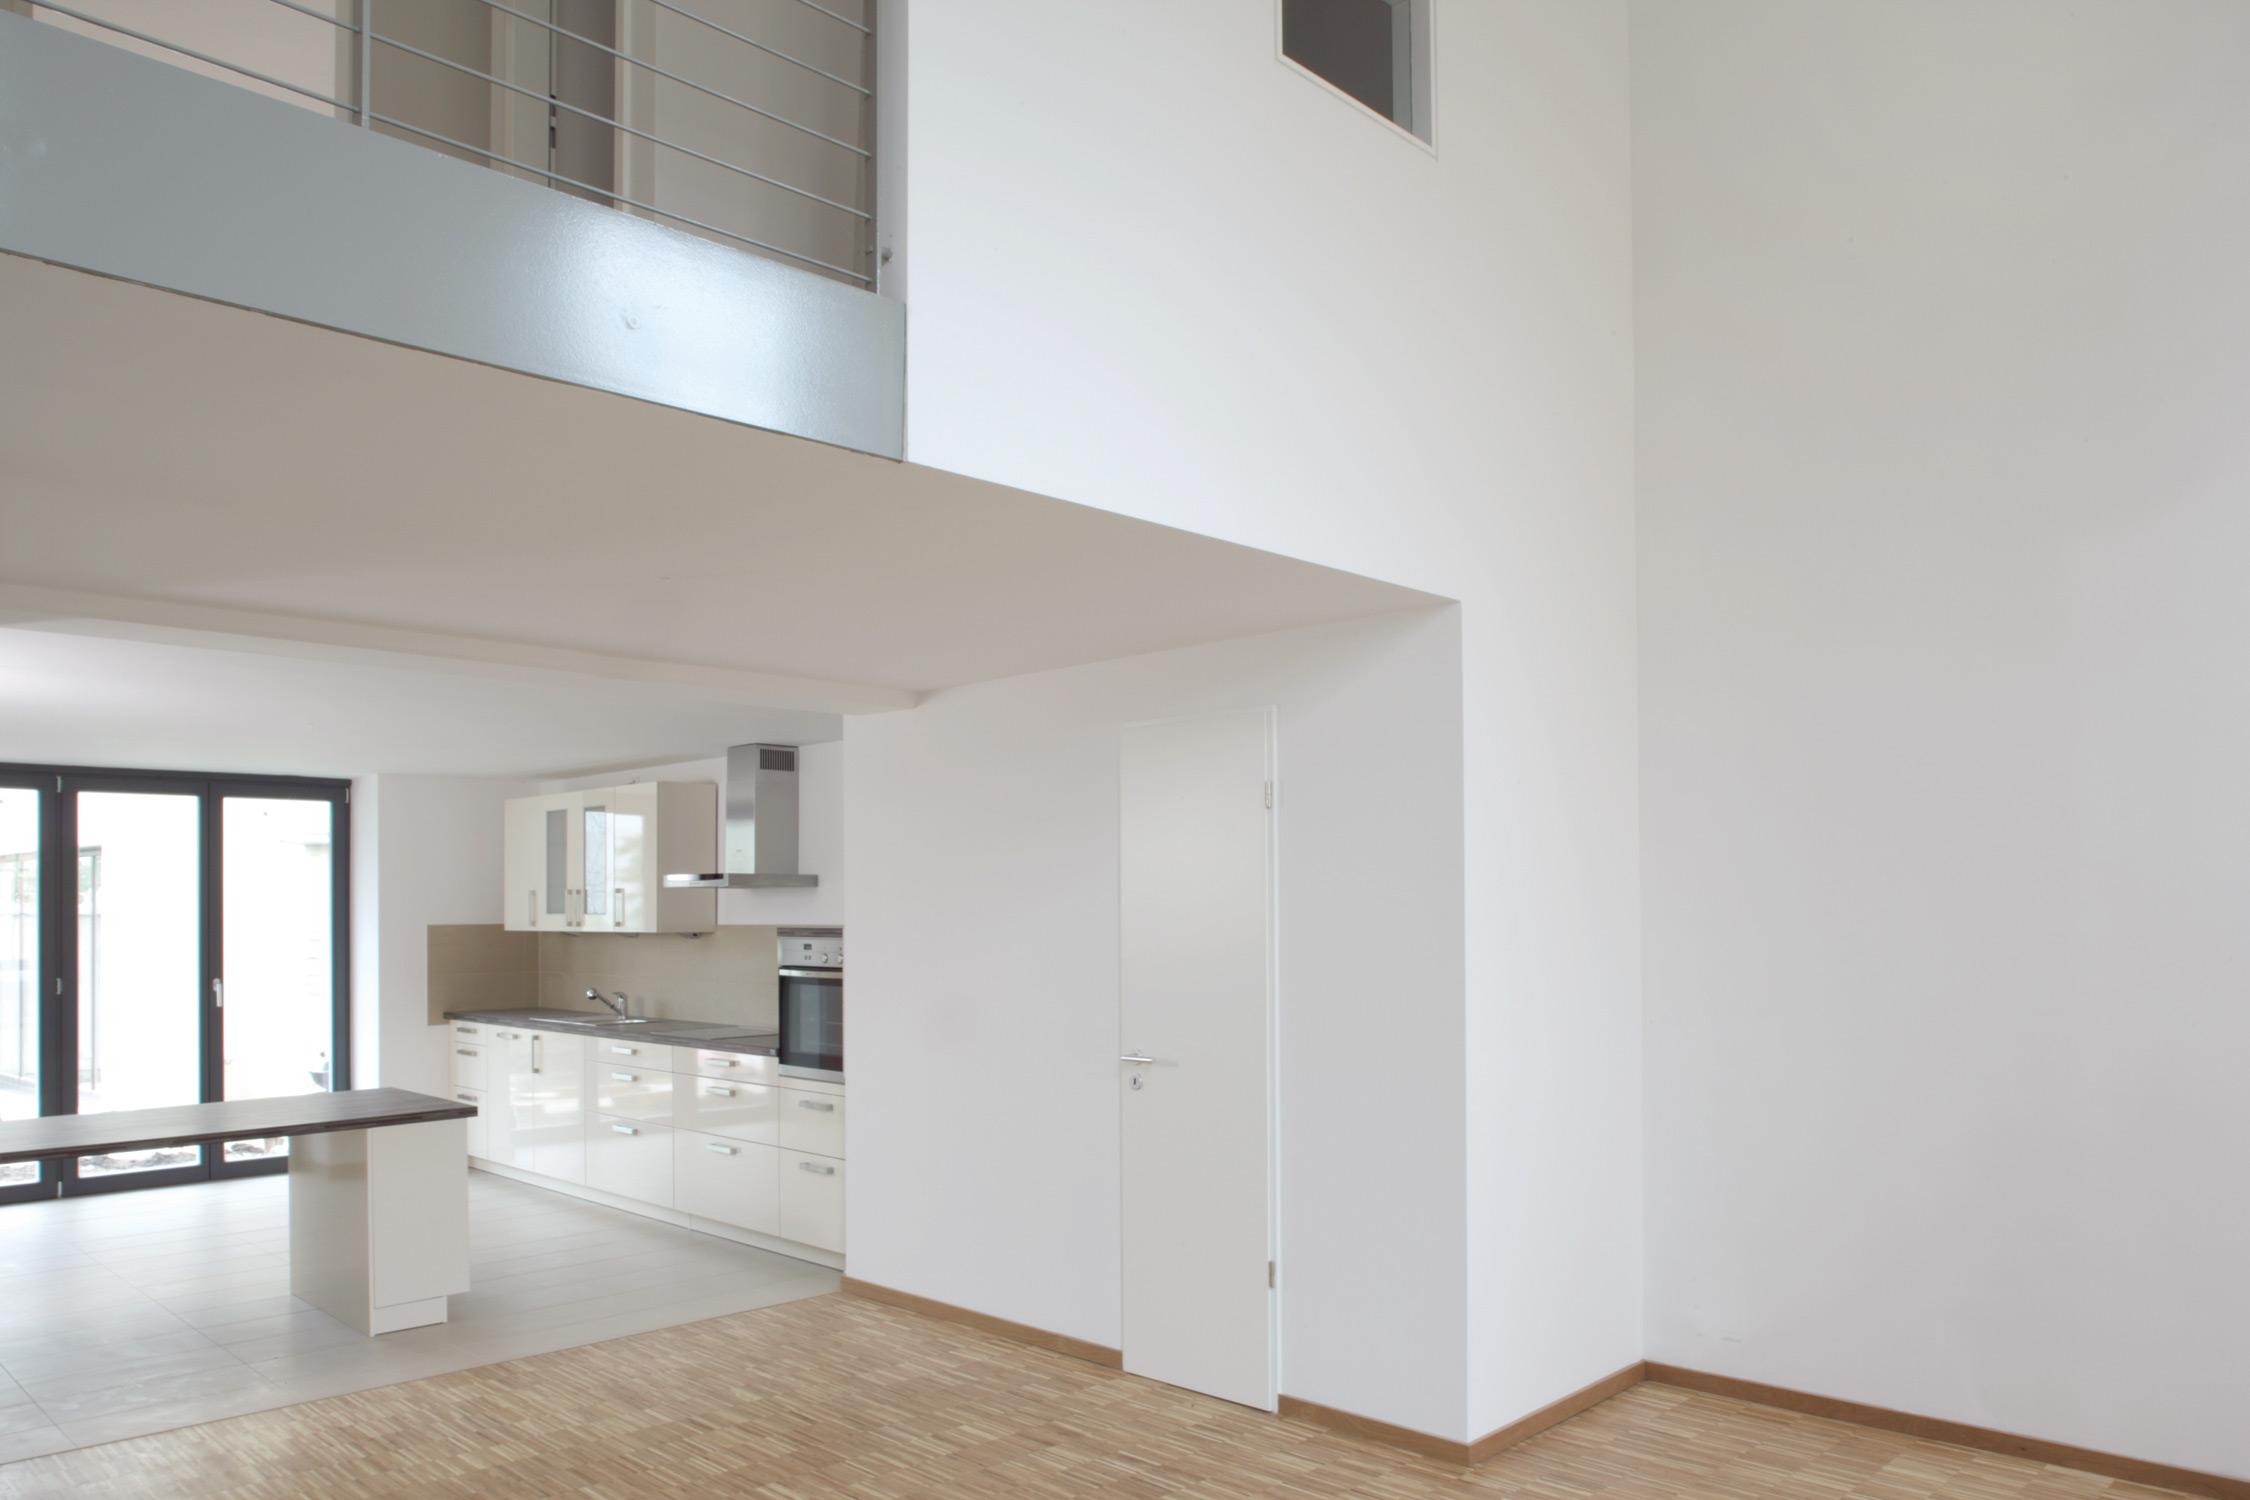 brauerei werder havel am markt 17 anne lampen architekten architektin in berlin kreuzberg. Black Bedroom Furniture Sets. Home Design Ideas